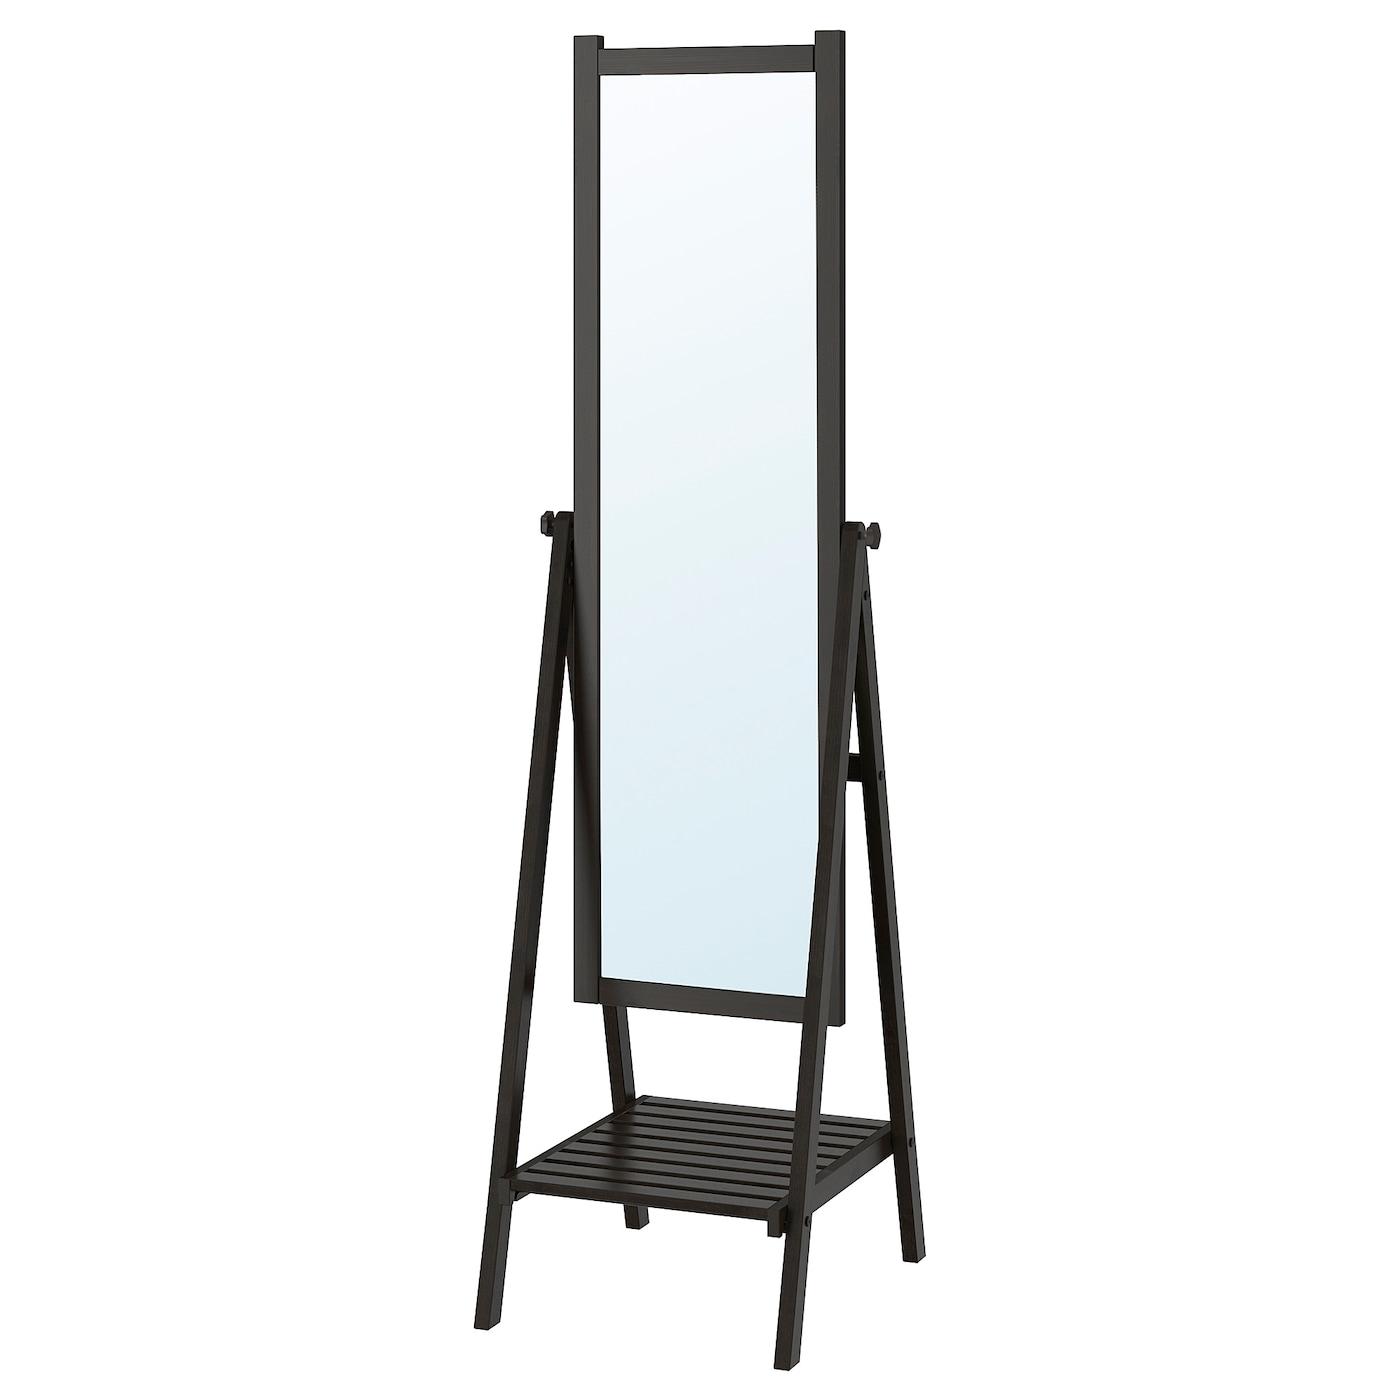 ISFJORDEN | Flur & Diele > Spiegel > Standspiegel | Schwarzbraun | IKEA